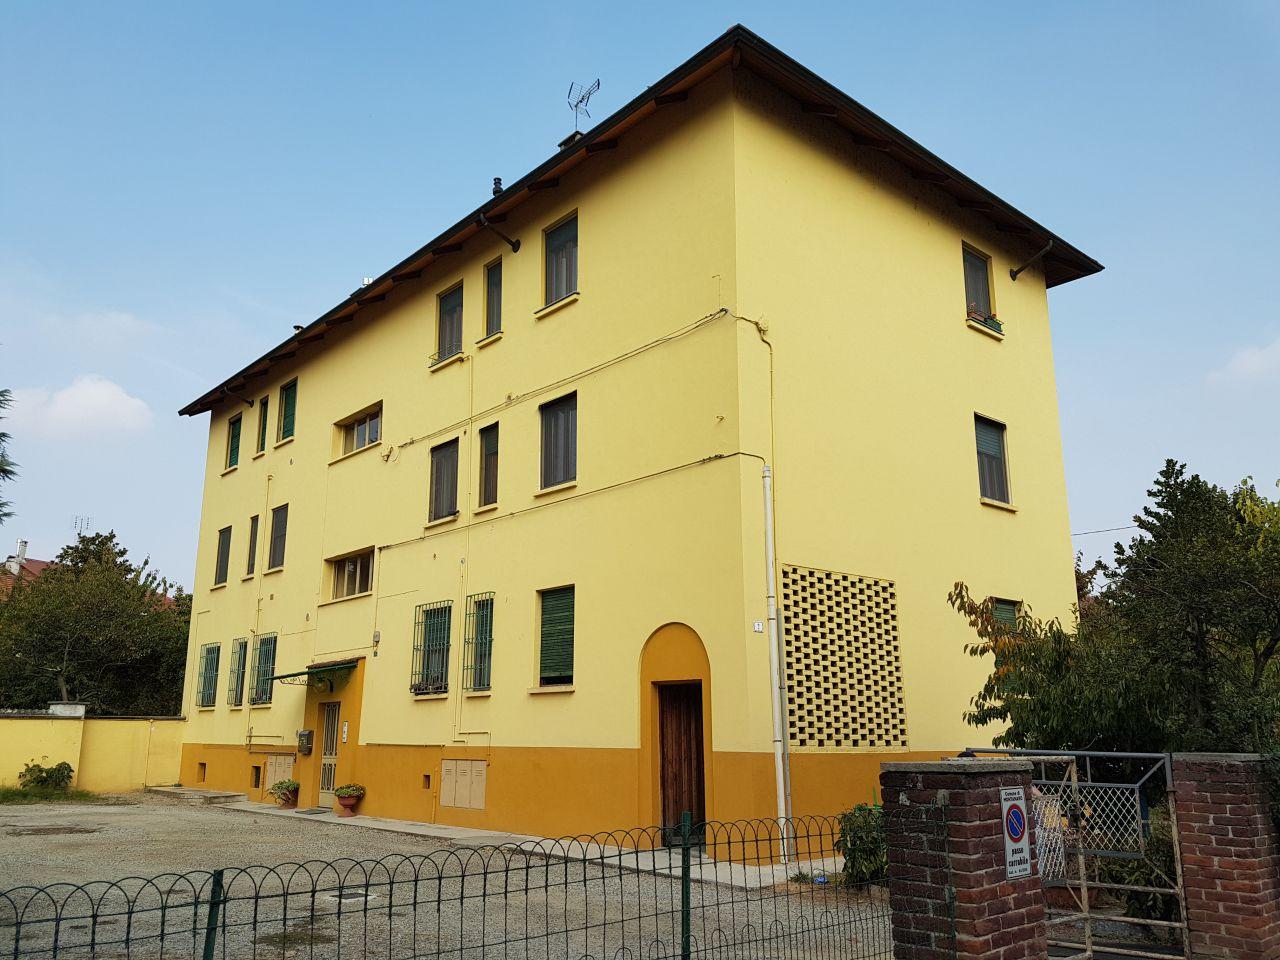 Appartamento in vendita a Montanaro, 4 locali, prezzo € 67.000 | CambioCasa.it